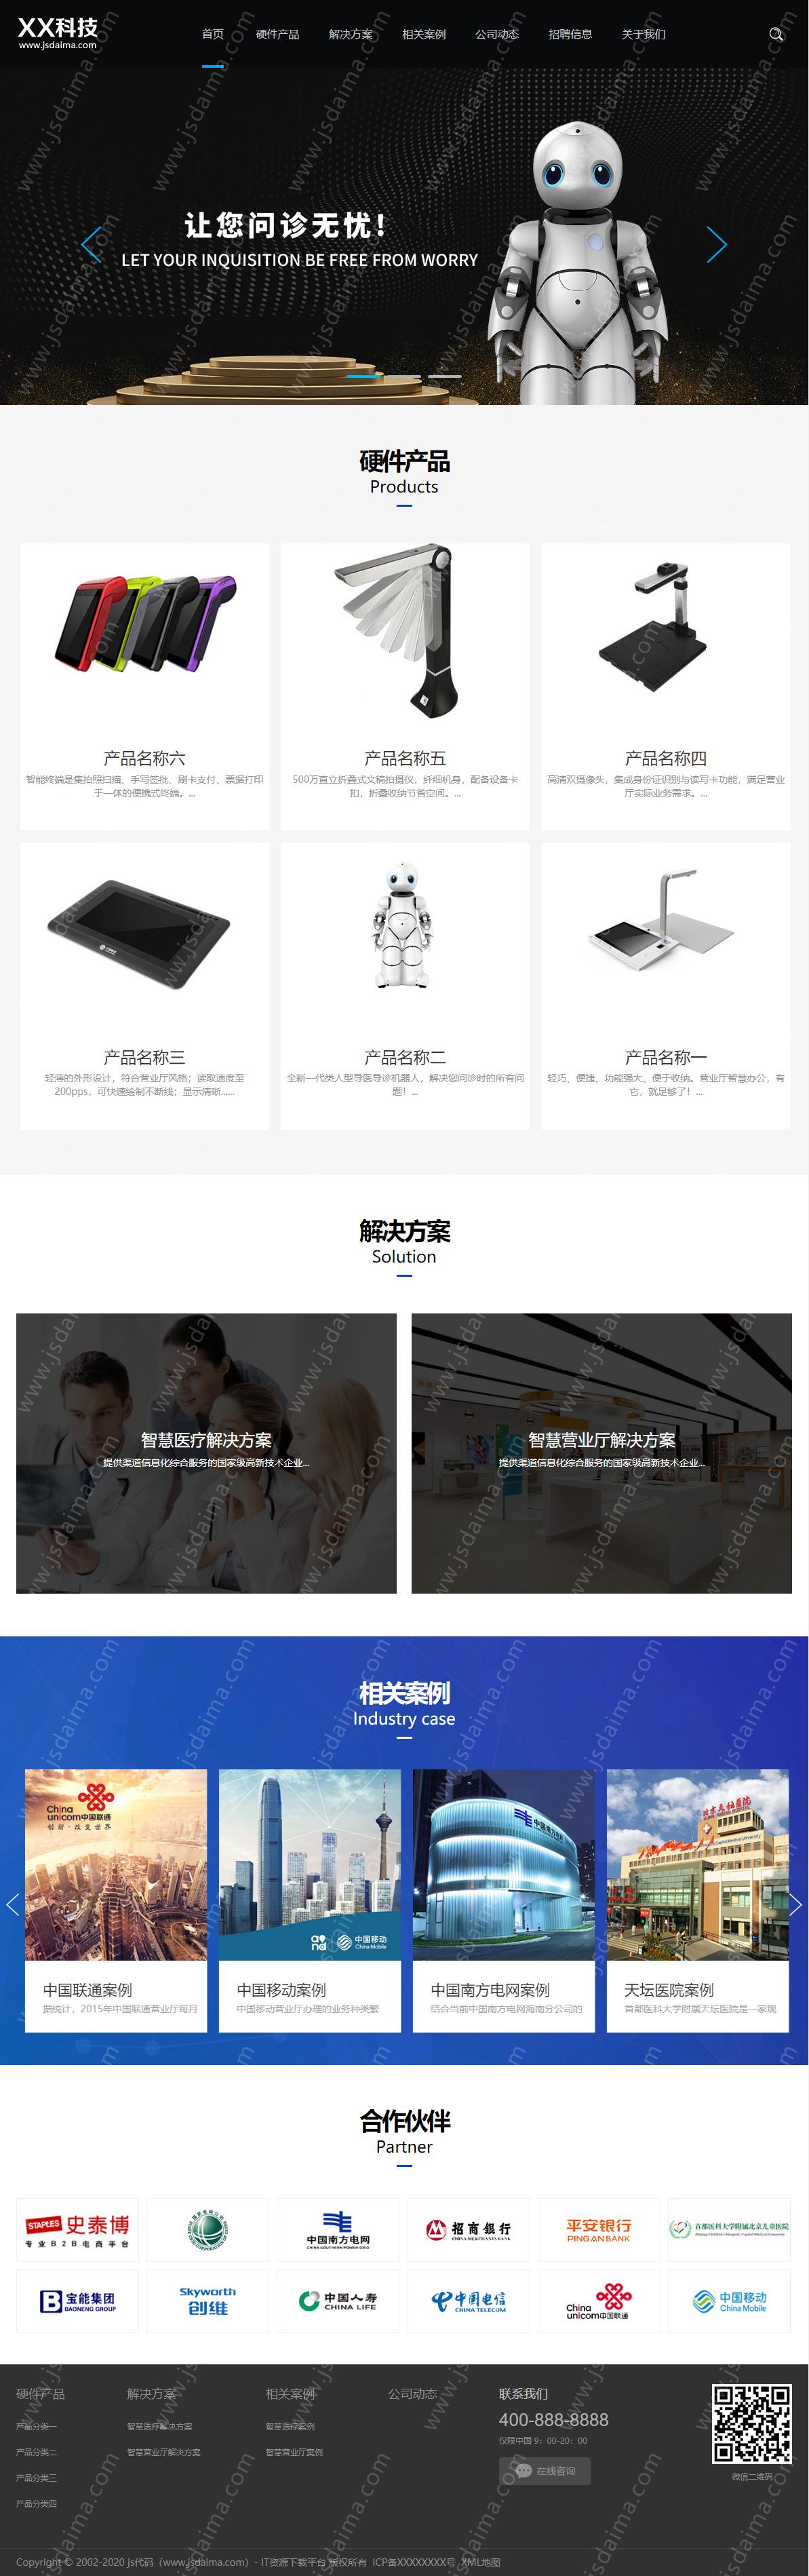 宽屏大气响应式智能科技产品研发科技公司网站源码